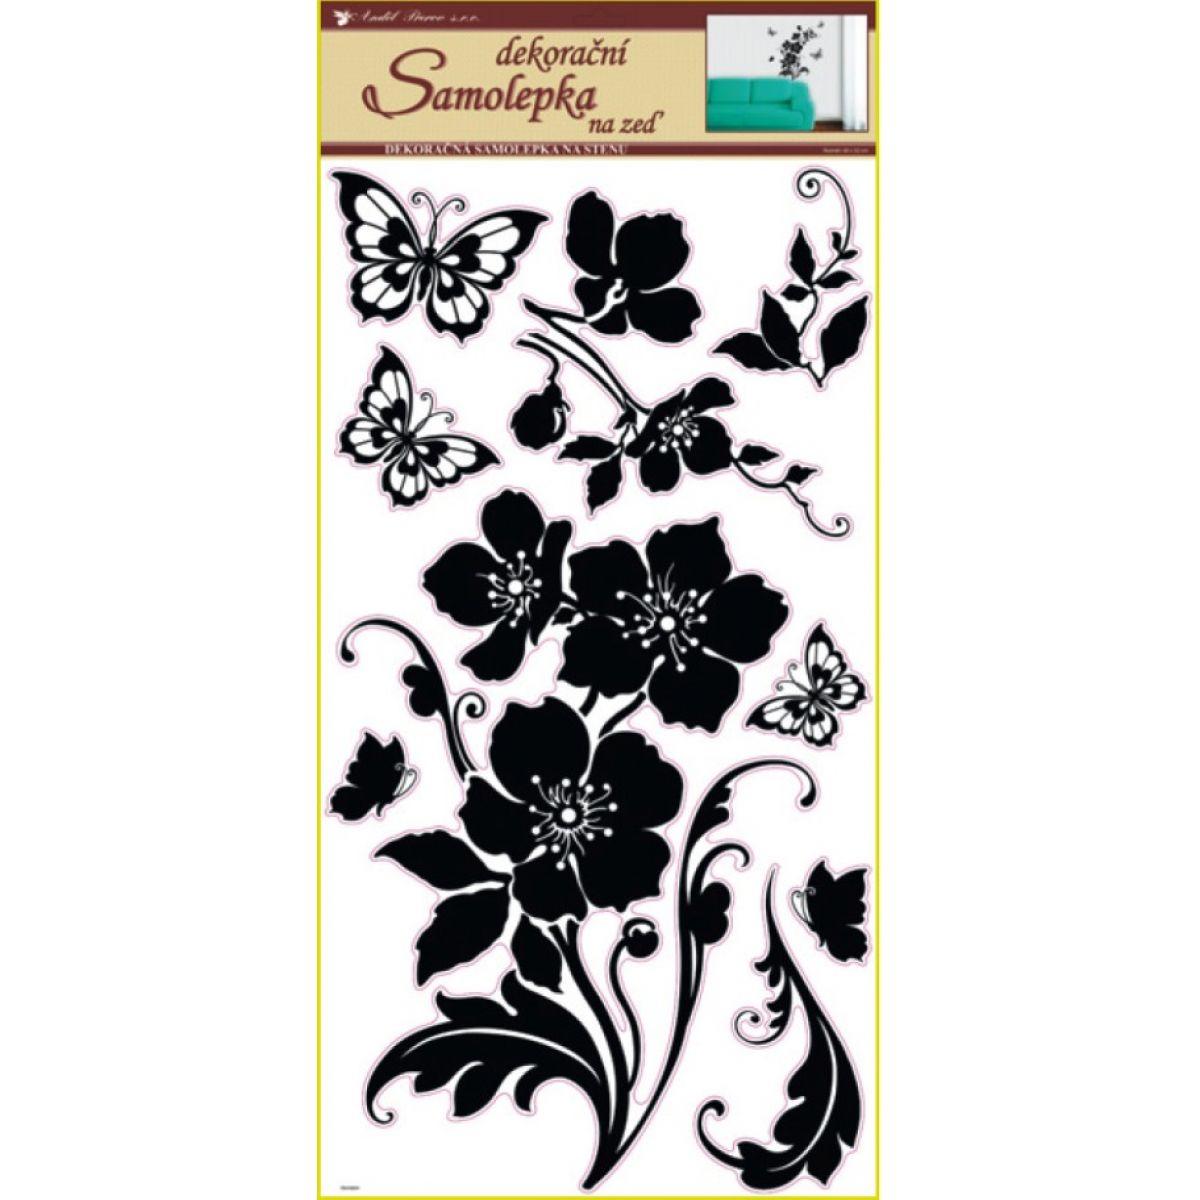 Samolepky na stenu kvetina s motýľmi čierna, 60x32cm